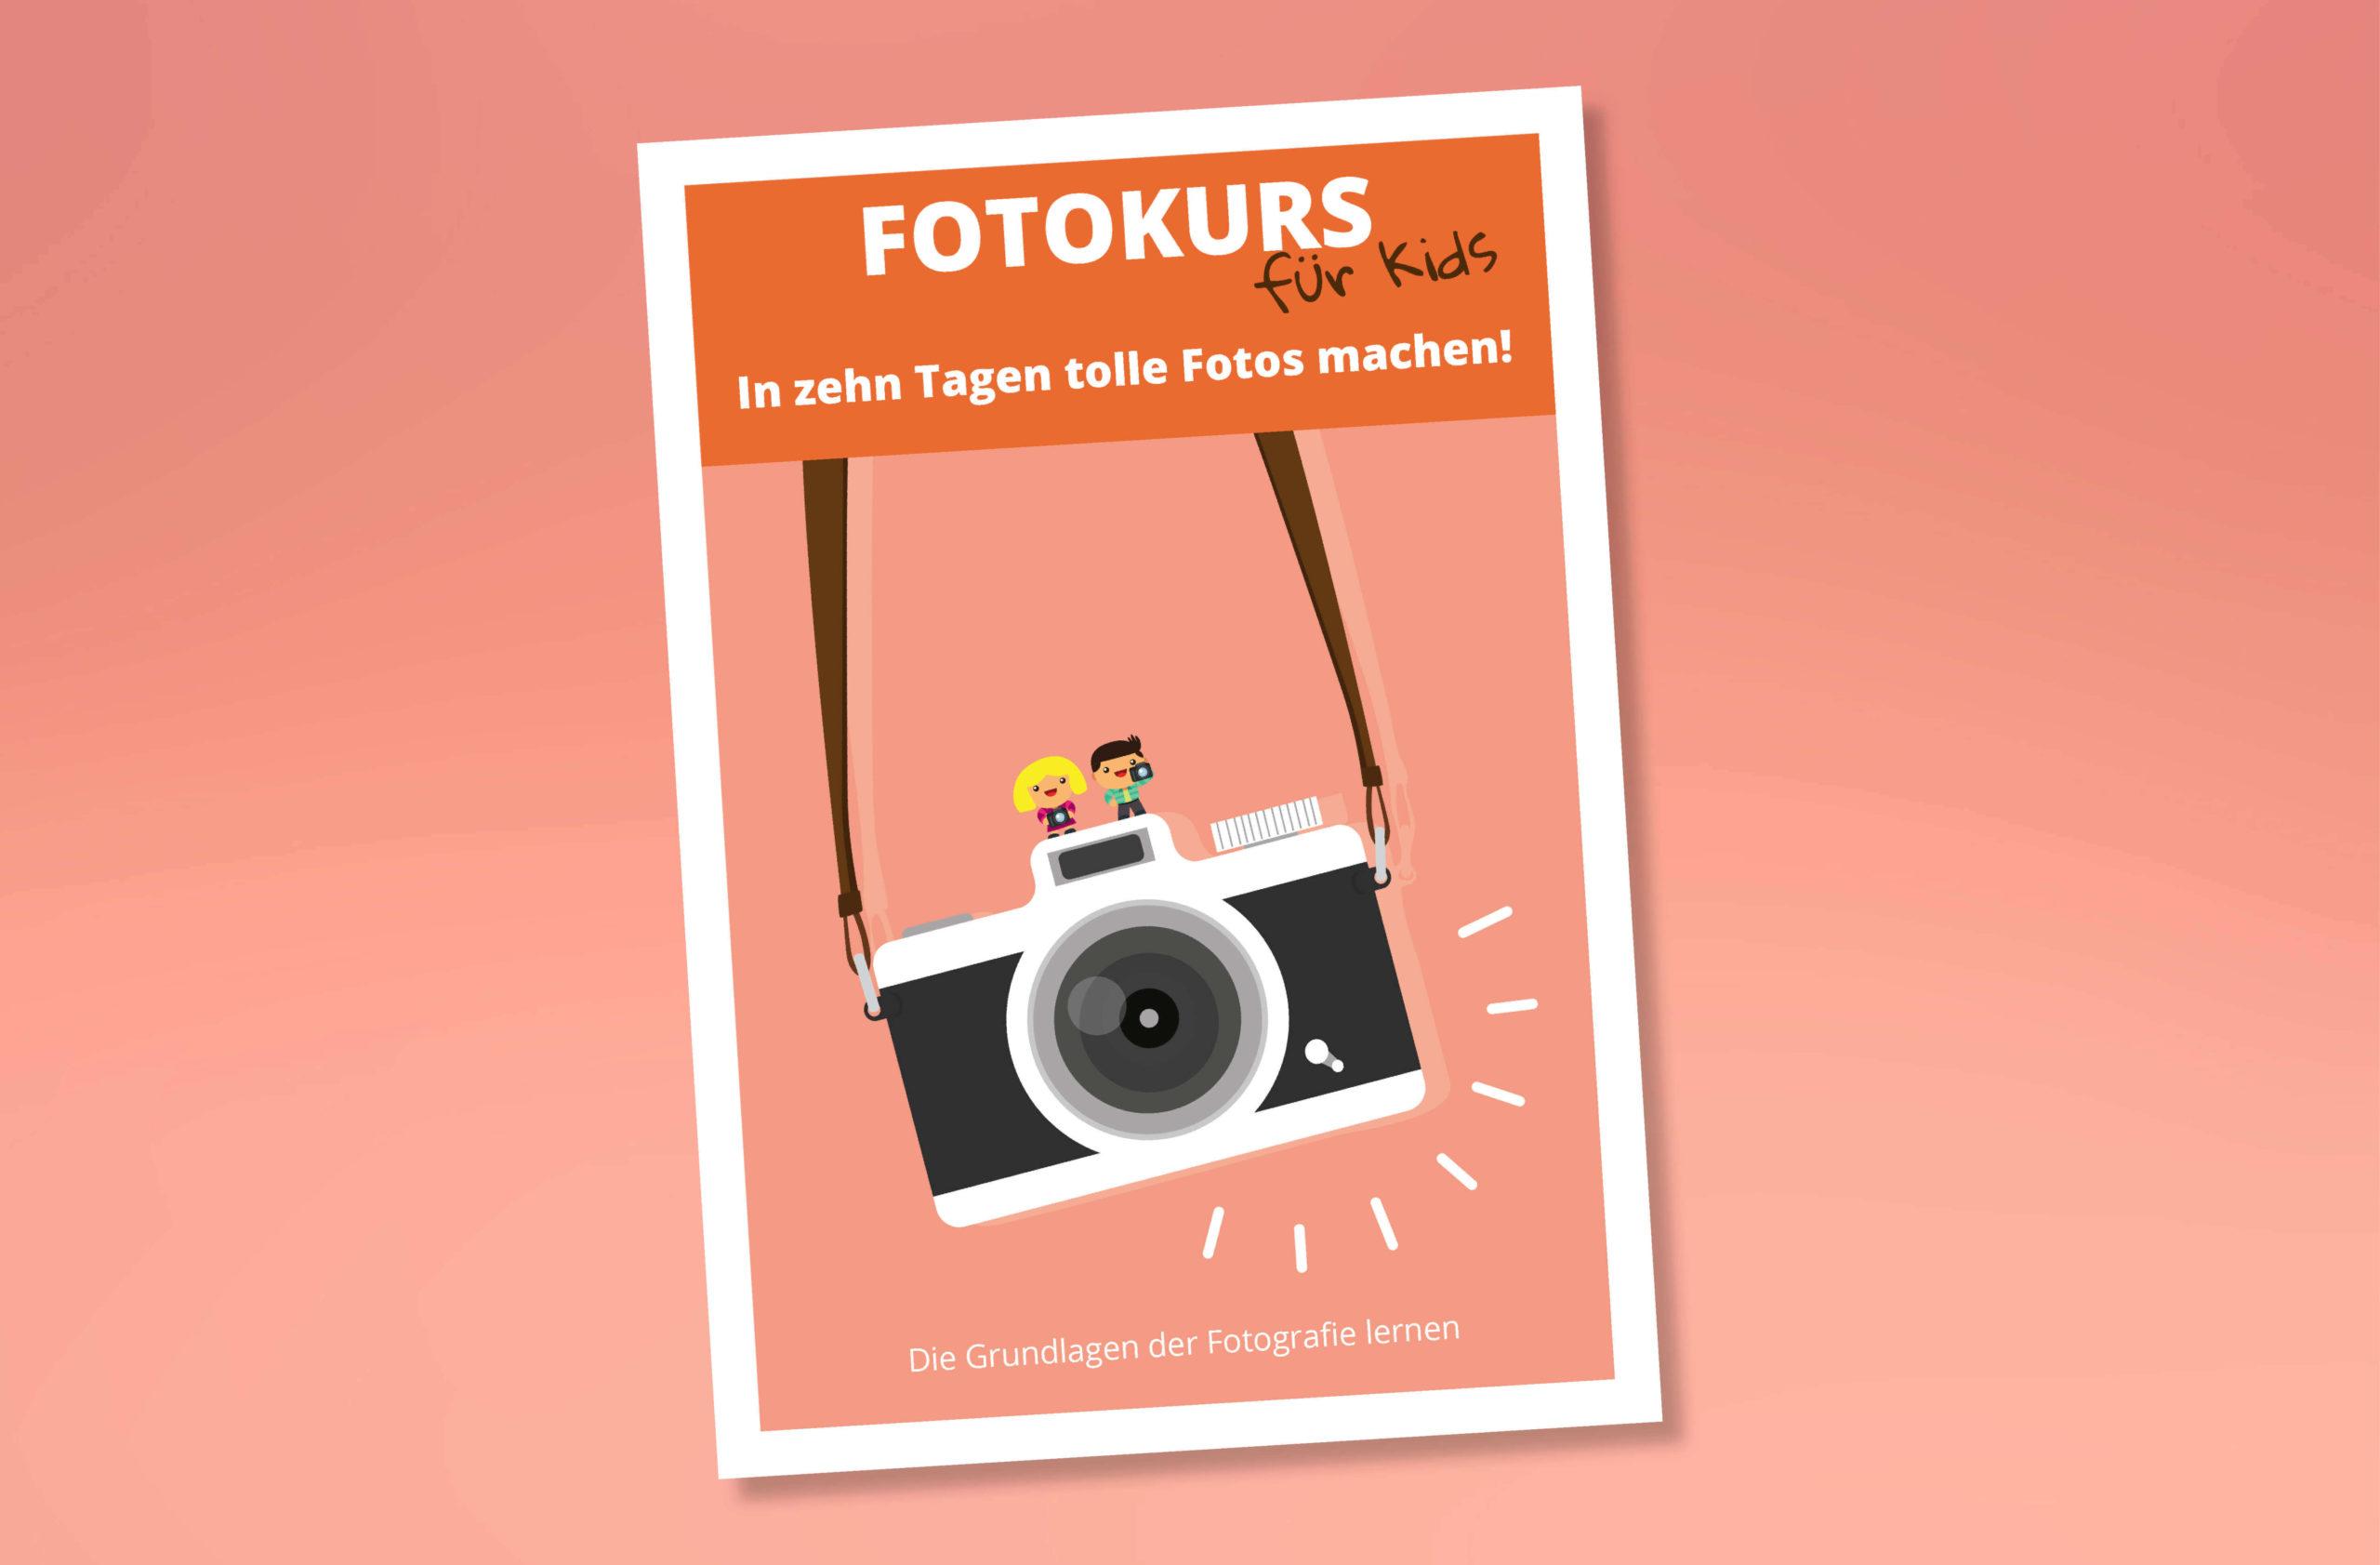 Fotokurs für Kids – die Grundlagen der Fotografie lernen